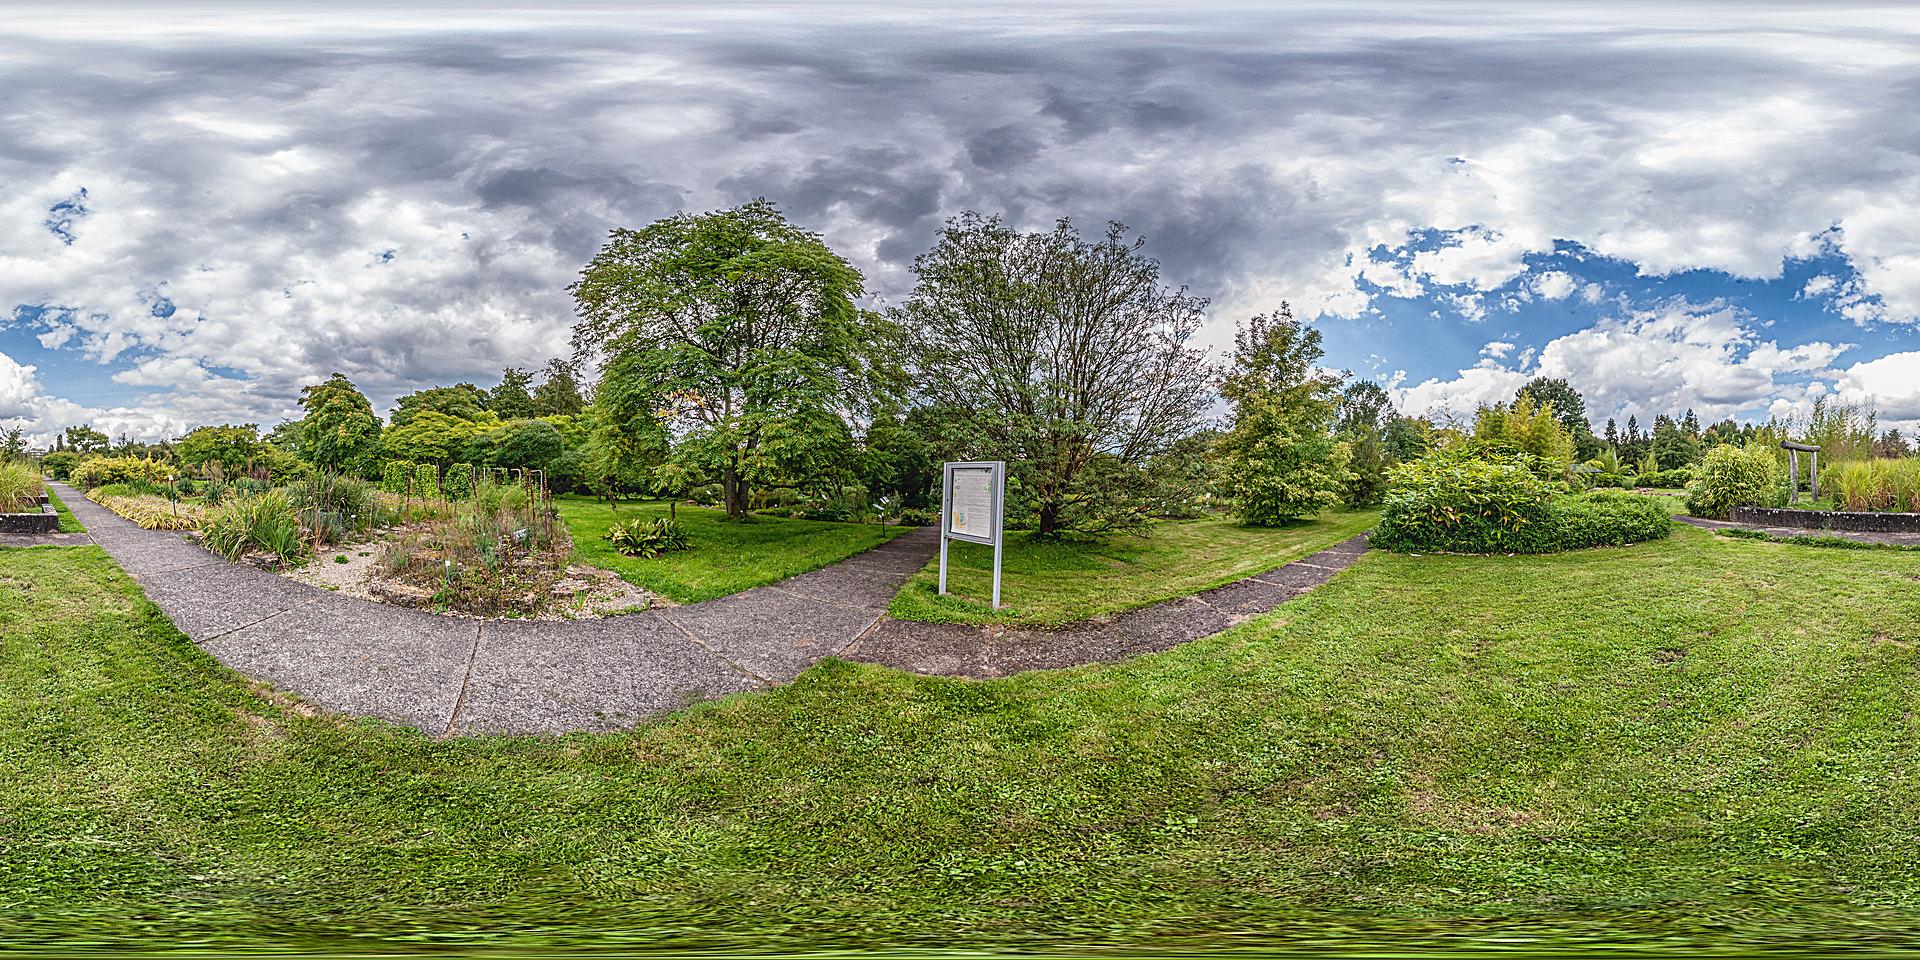 Botanischer Garten Marburg - Freiland